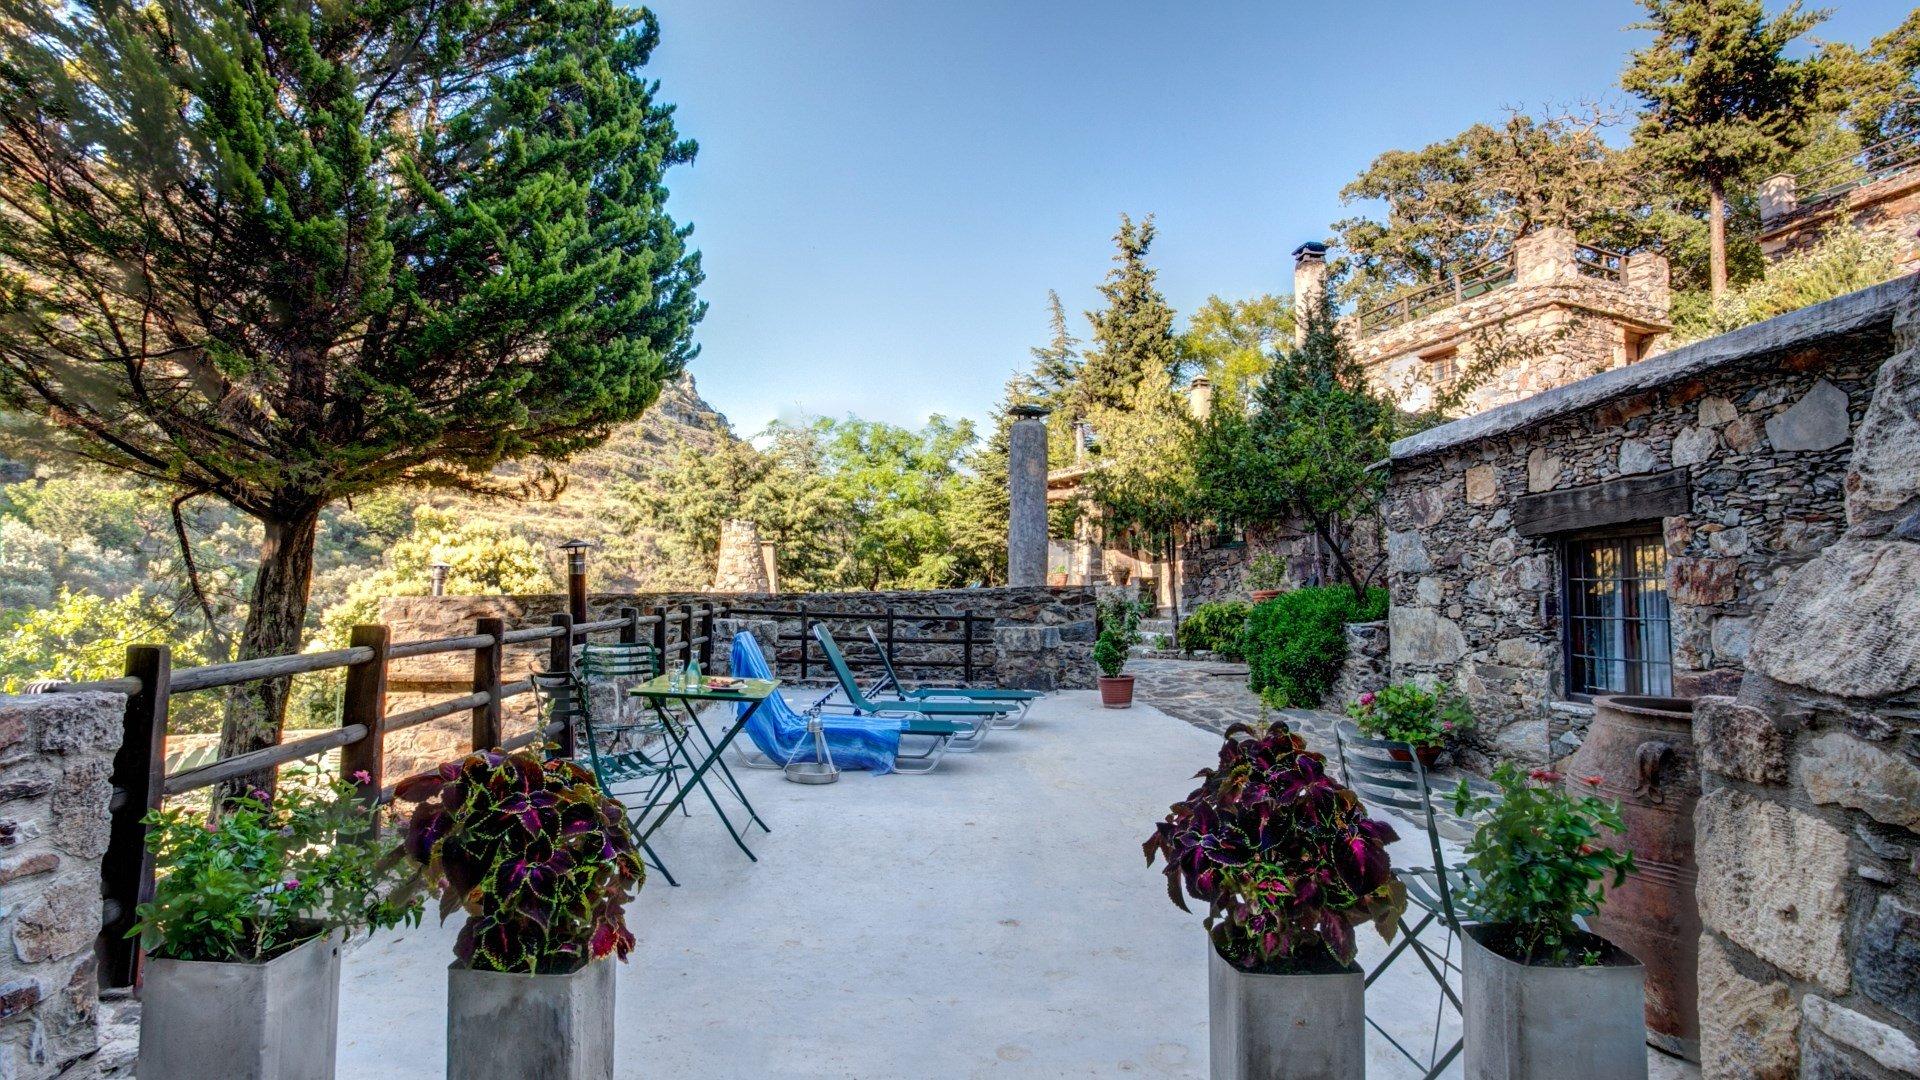 Μηλιά: Το χωριό της Κρήτης που σε ταξιδεύει πίσω στο χρόνο! - iTravelling